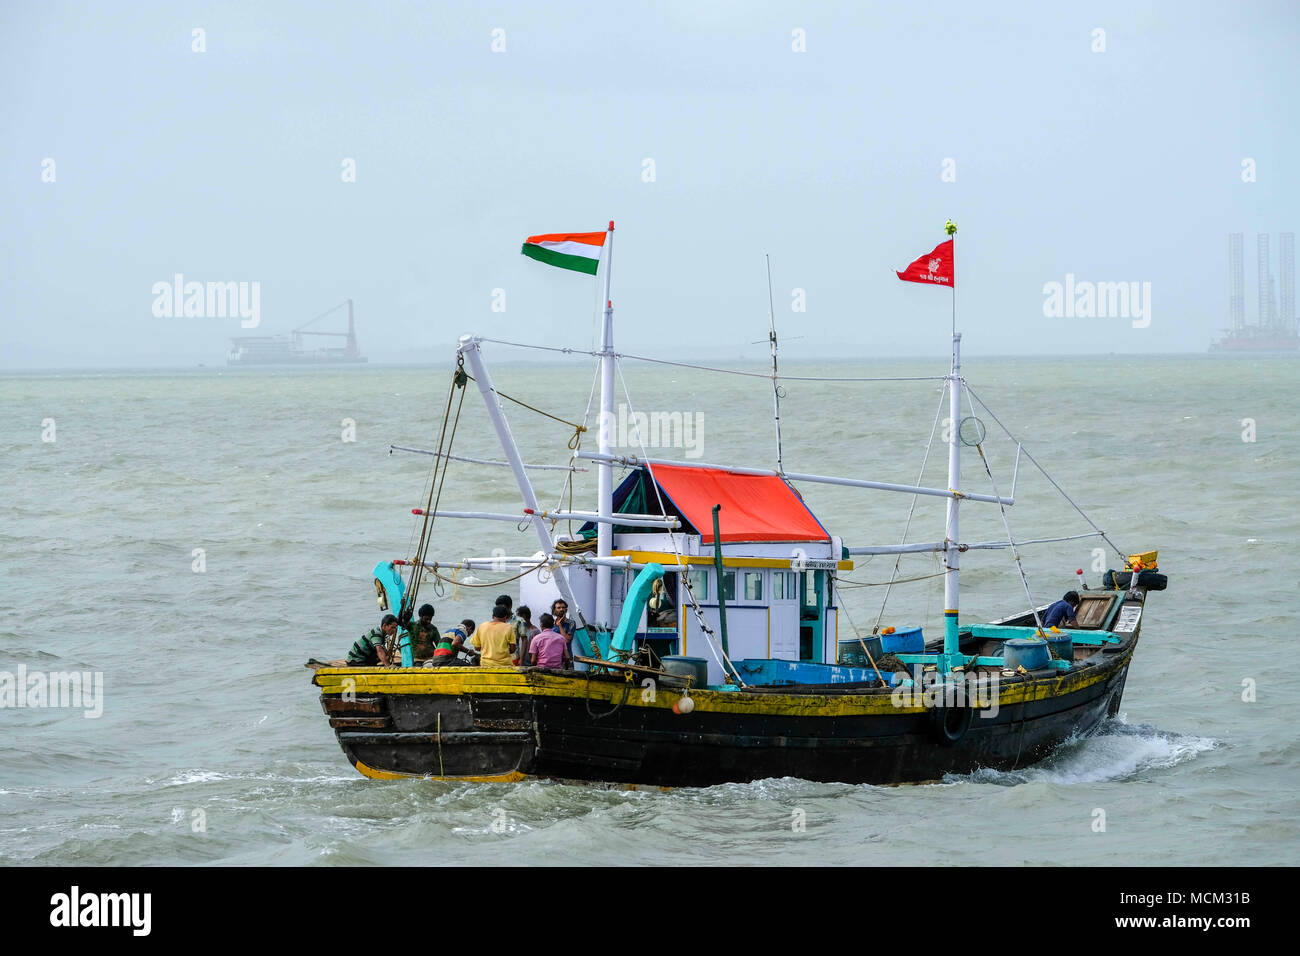 Holz- Schiff unter indischen Flagge, Segeln am Arabischen Meer in Mumbai, Indien Stockbild